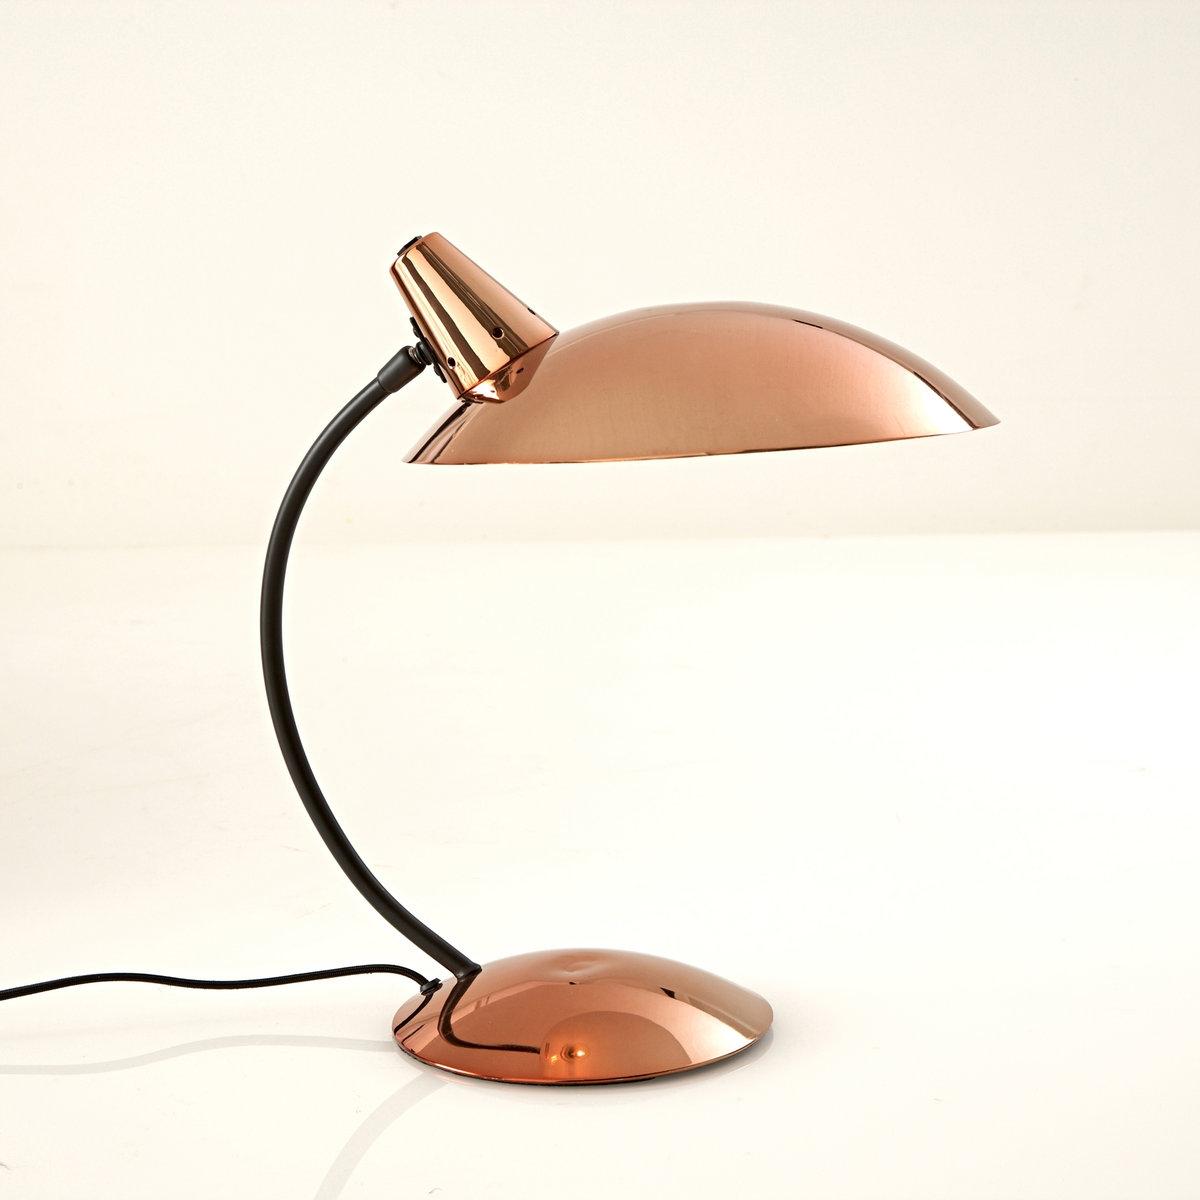 Лампа настольная в винтажном стиле, RosellaОписание лампы, Rosella  :Патрон E14 для флюокомпактной лампочки макс 8W (не входит в комплект)  Этот светильник совместим с лампочками    энергетического класса   : AХарактеристики лампы, Rosella  :Из металла с эпоксидным покрытиемЭлектрический кабель из черного текстиля Всю коллекцию светильников вы можете найти на сайте laredoute.ru. Размеры лампы, Rosella :Ширина : 40 смВысота : 42 смАбажур : диаметр 30 см .<br><br>Цвет: медный<br>Размер: единый размер